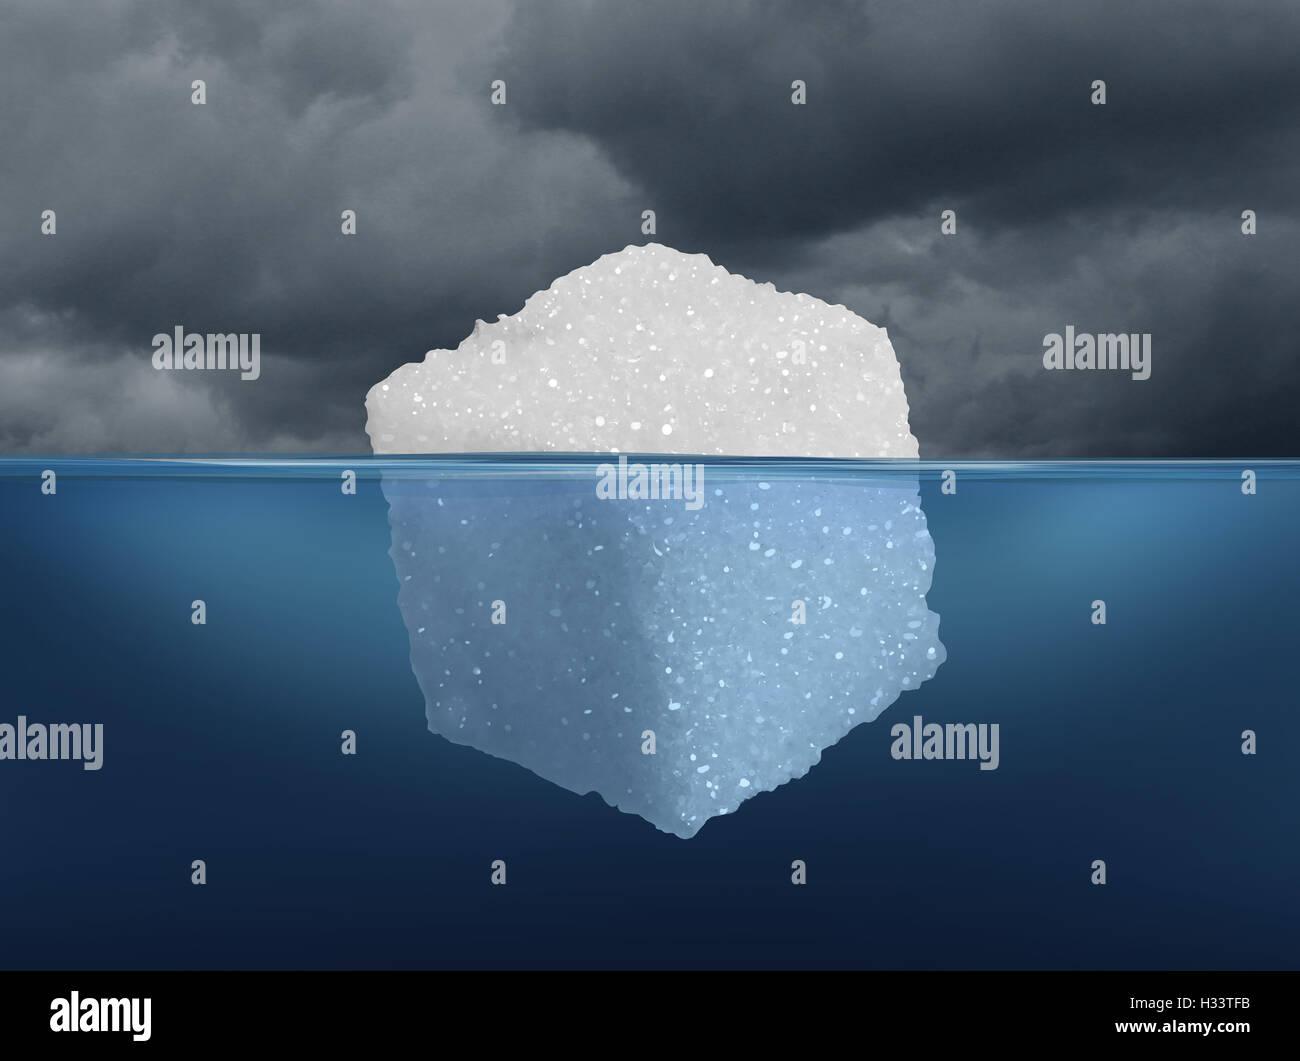 Azúcar y riesgos ocultos peligro médico dietético concepto como un iceberg hecho de un cubo de azúcar Imagen De Stock